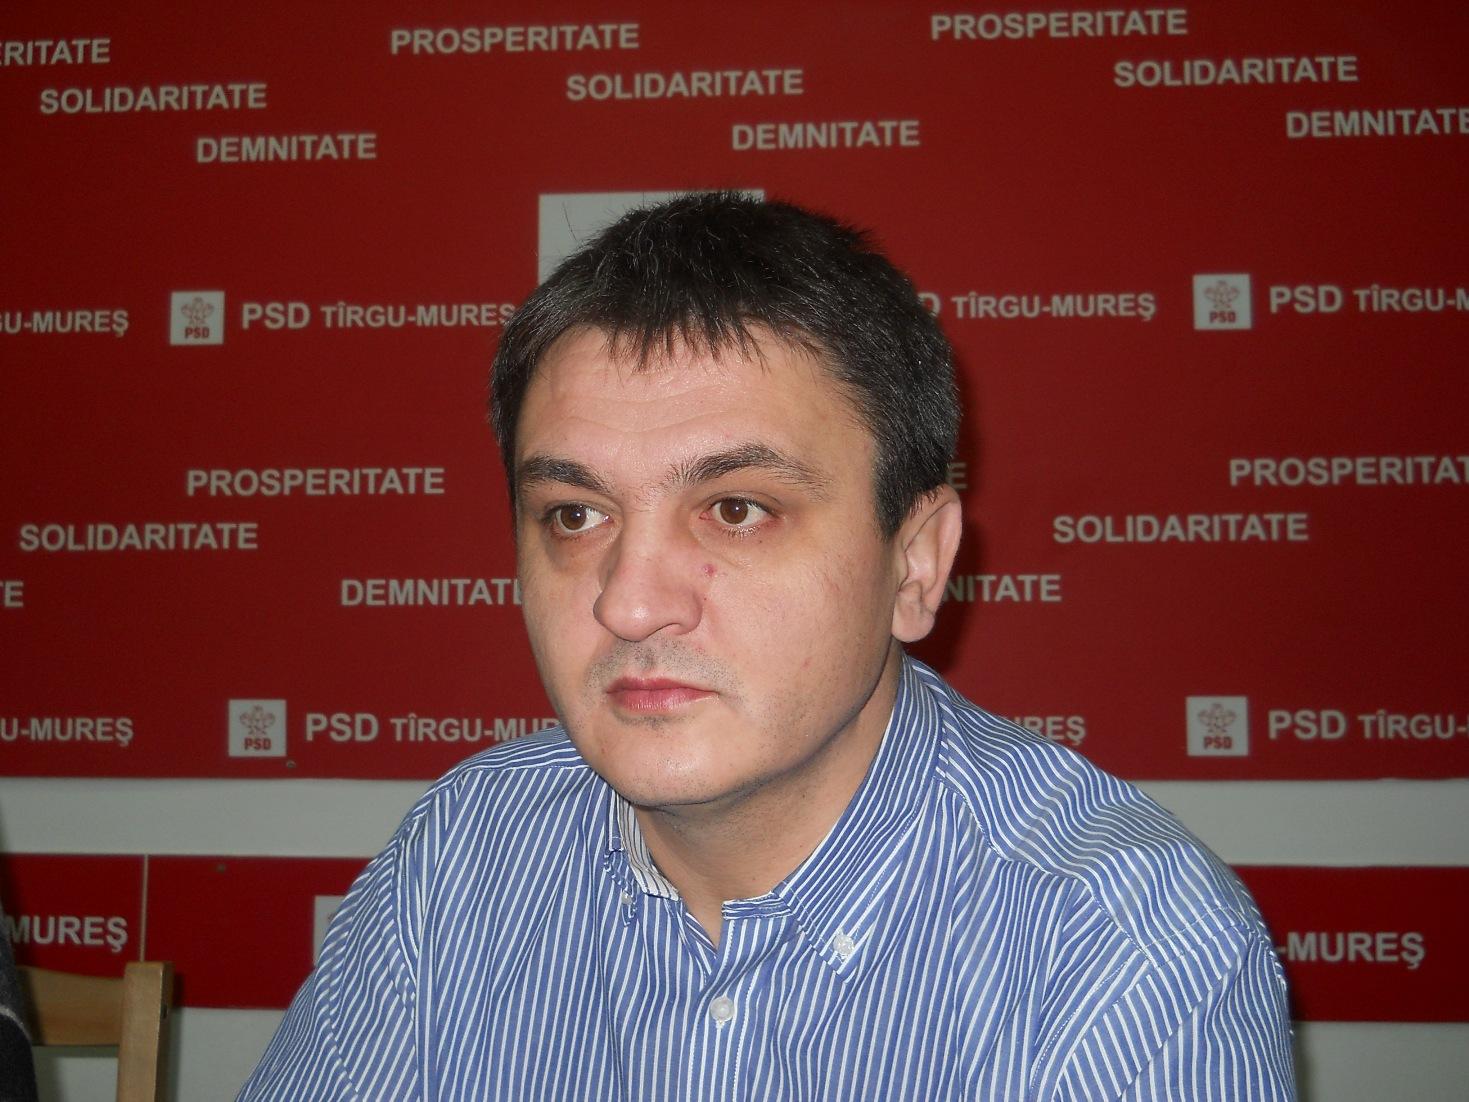 PSD Mureş îi cere demisia primarului Dorin Florea din cauza eşecului politic şi administrativ în problema UMF Tîrgu Mureş.